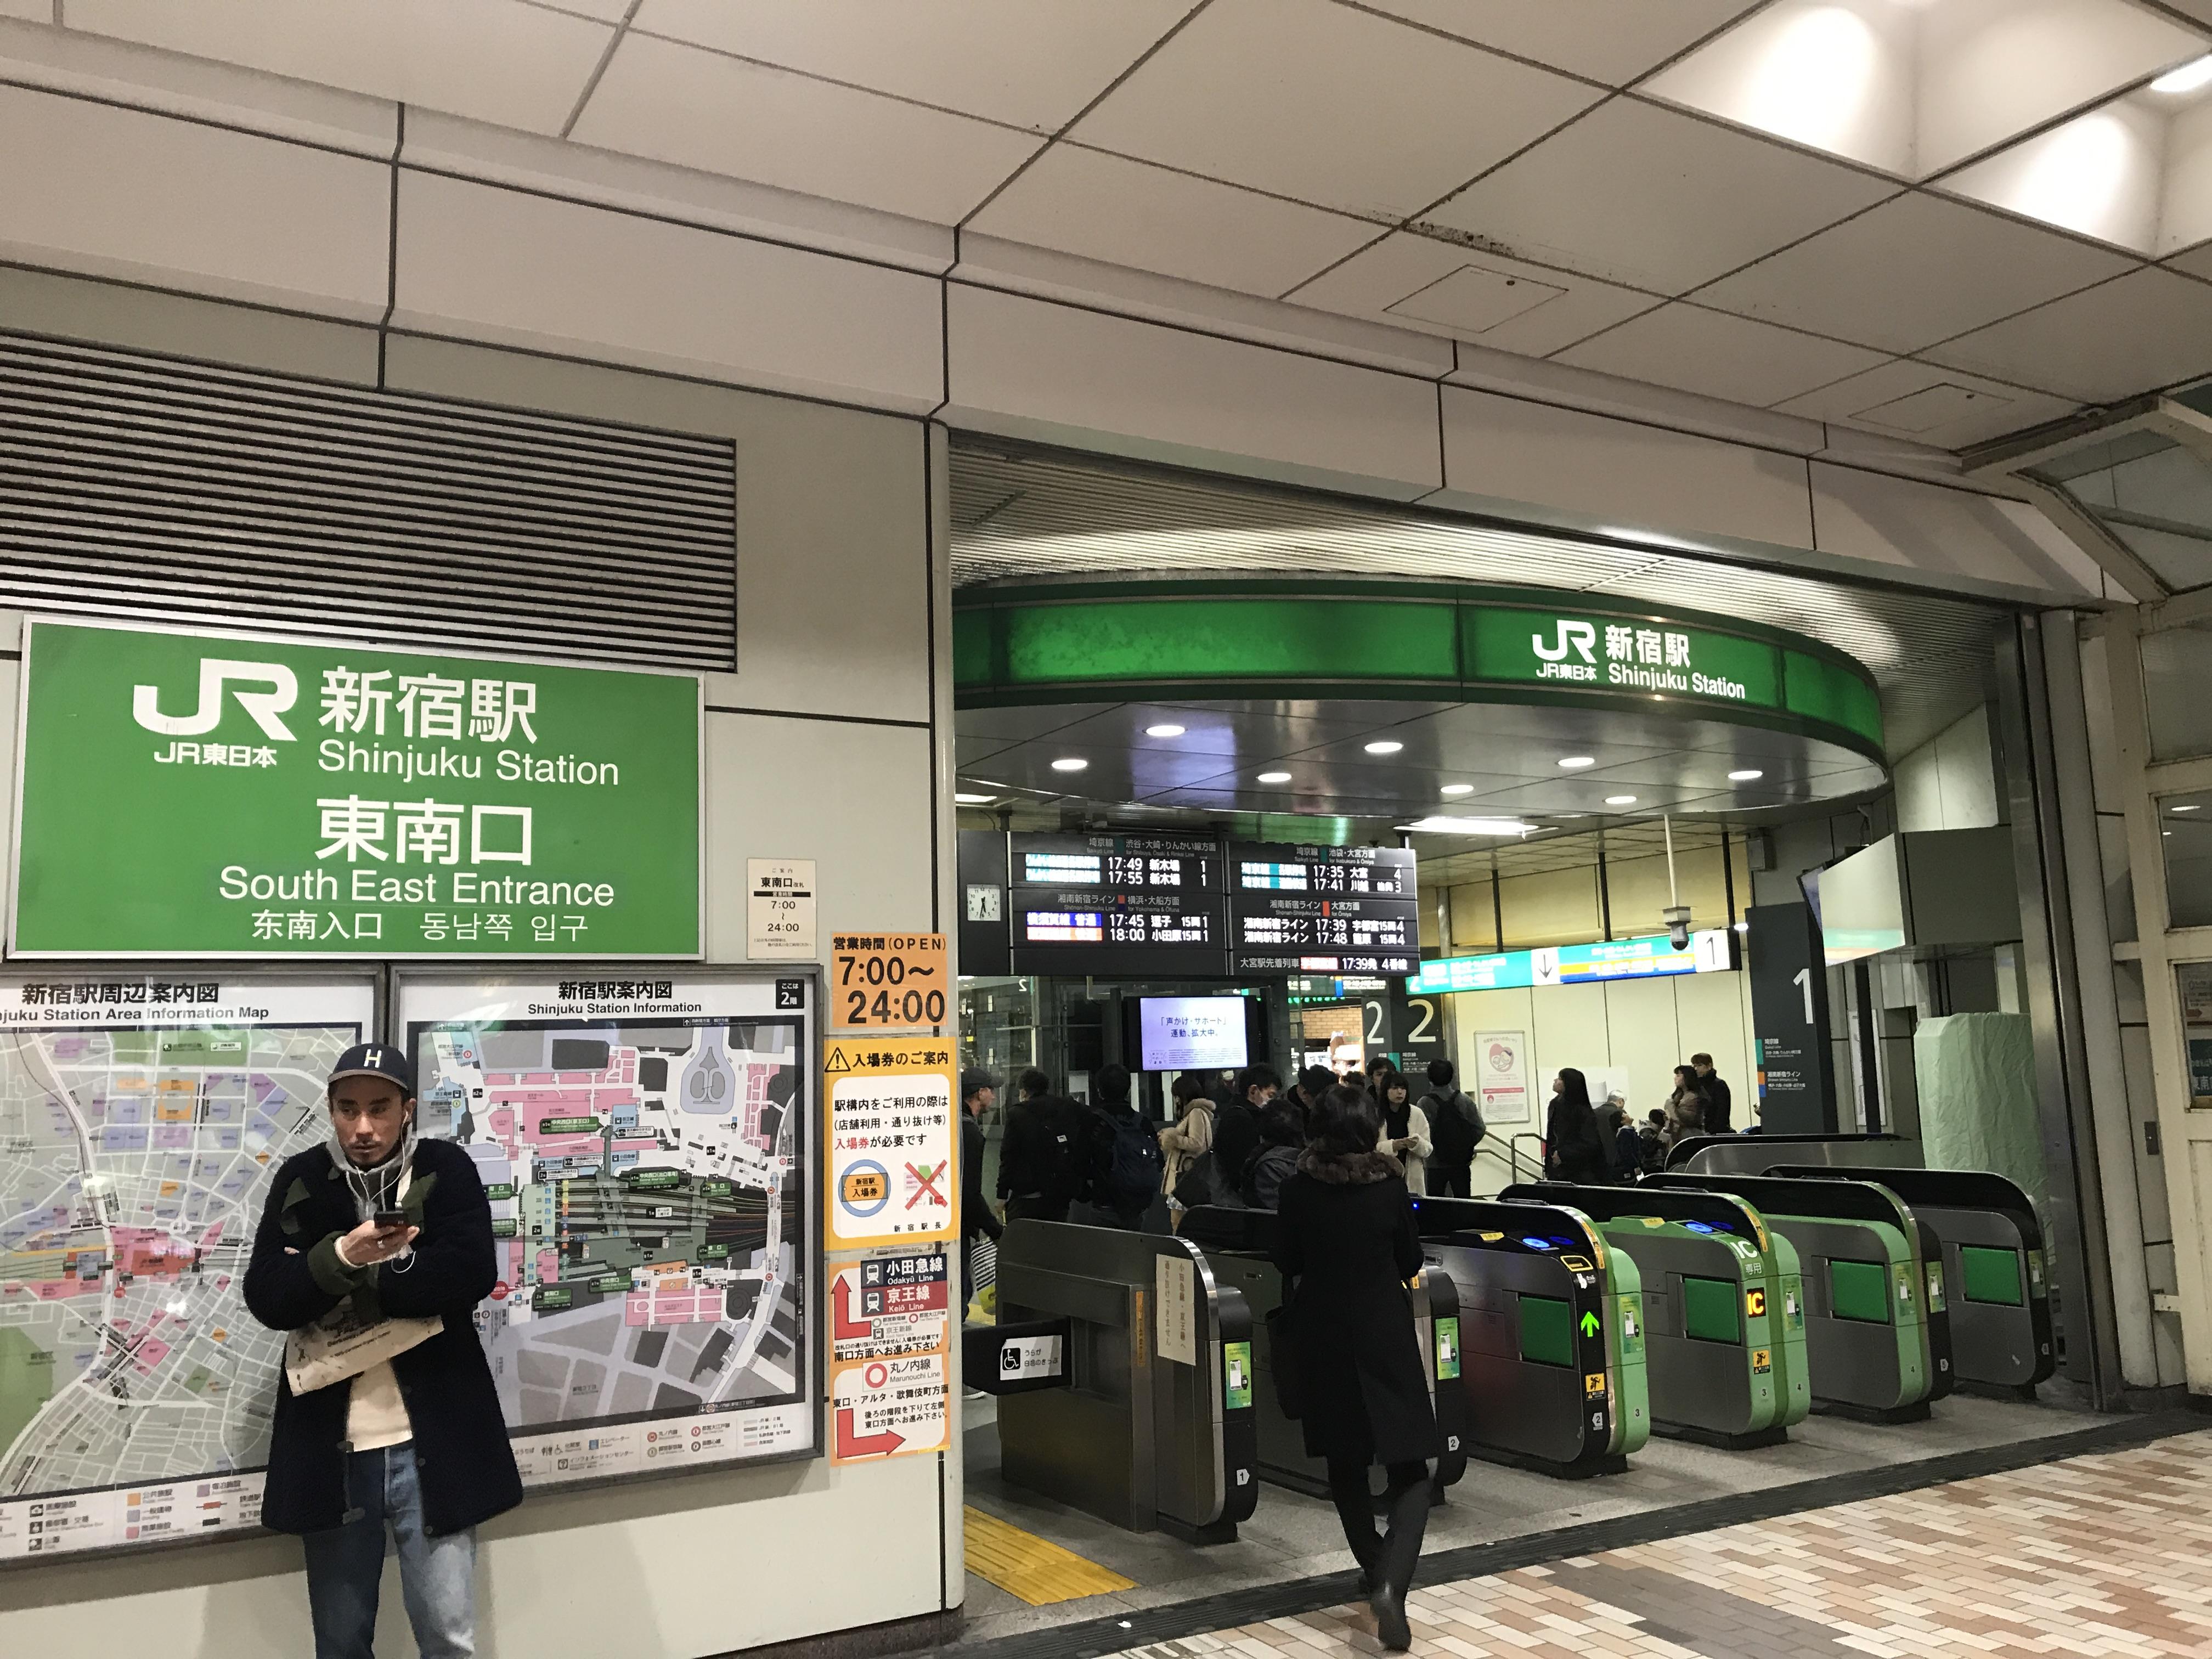 【公式】レンタルバイクのベストBike® [東京都]新宿駅東南口-セルフ